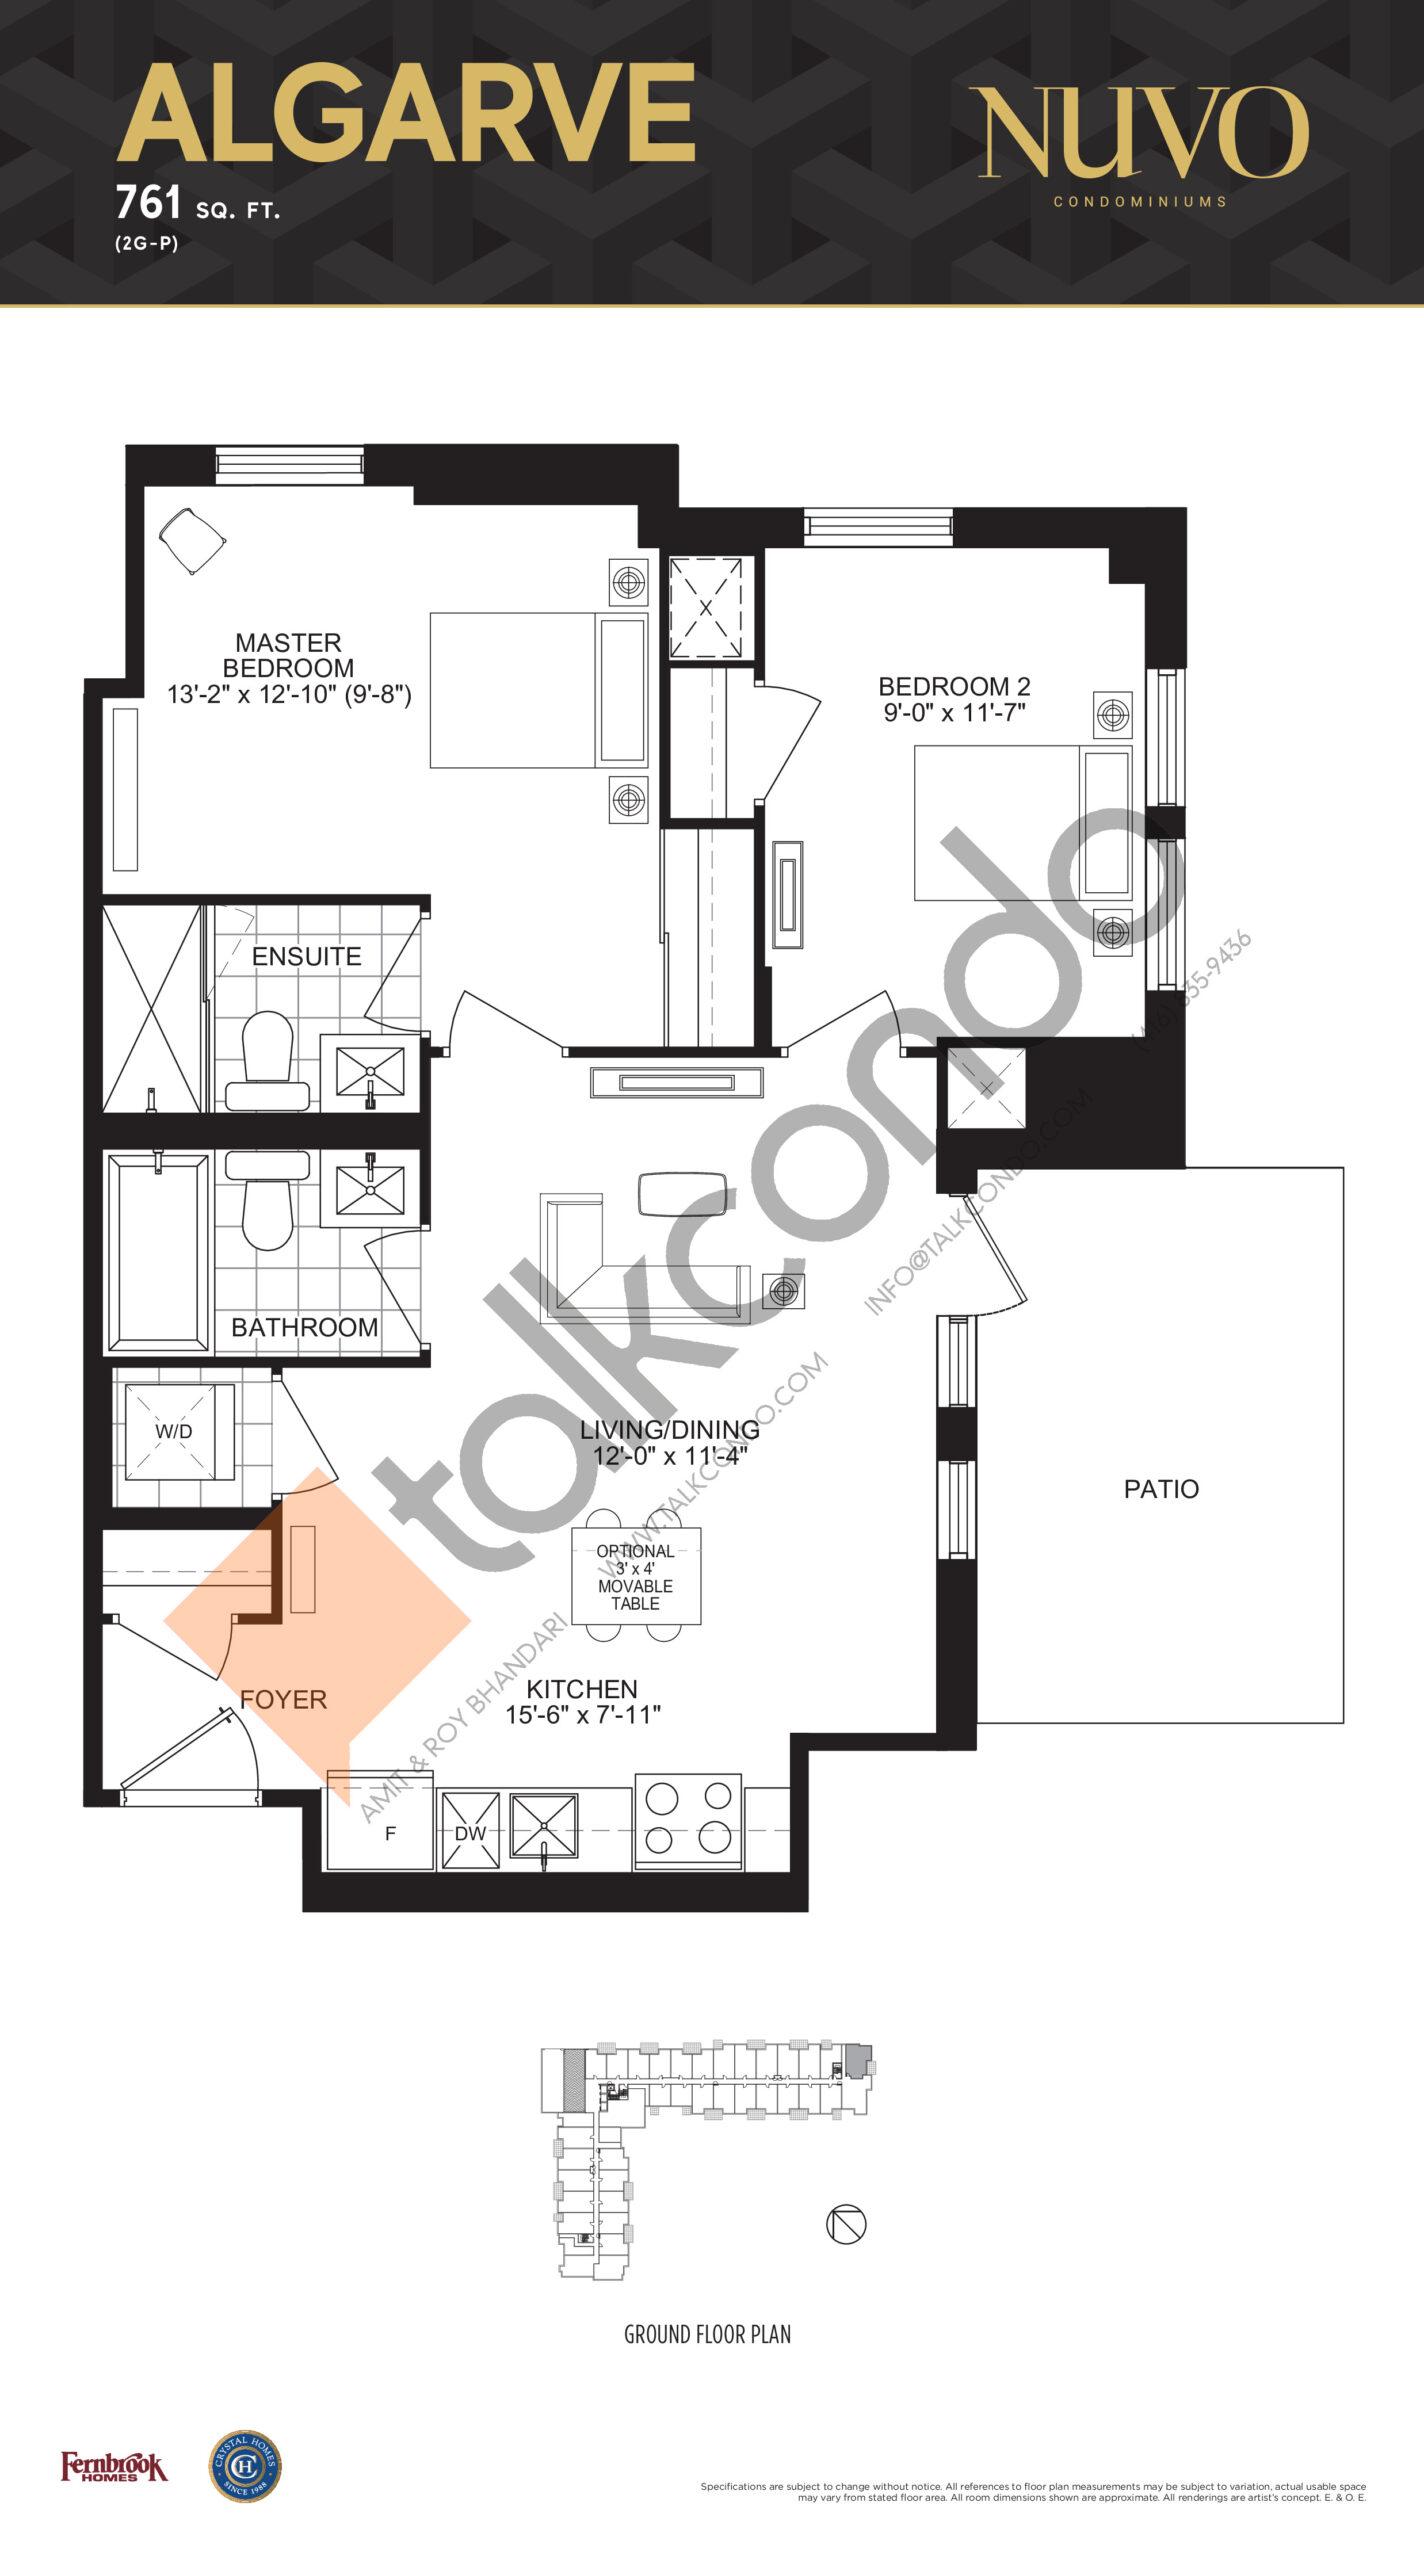 Algarve Floor Plan at Nuvo Condos - 761 sq.ft